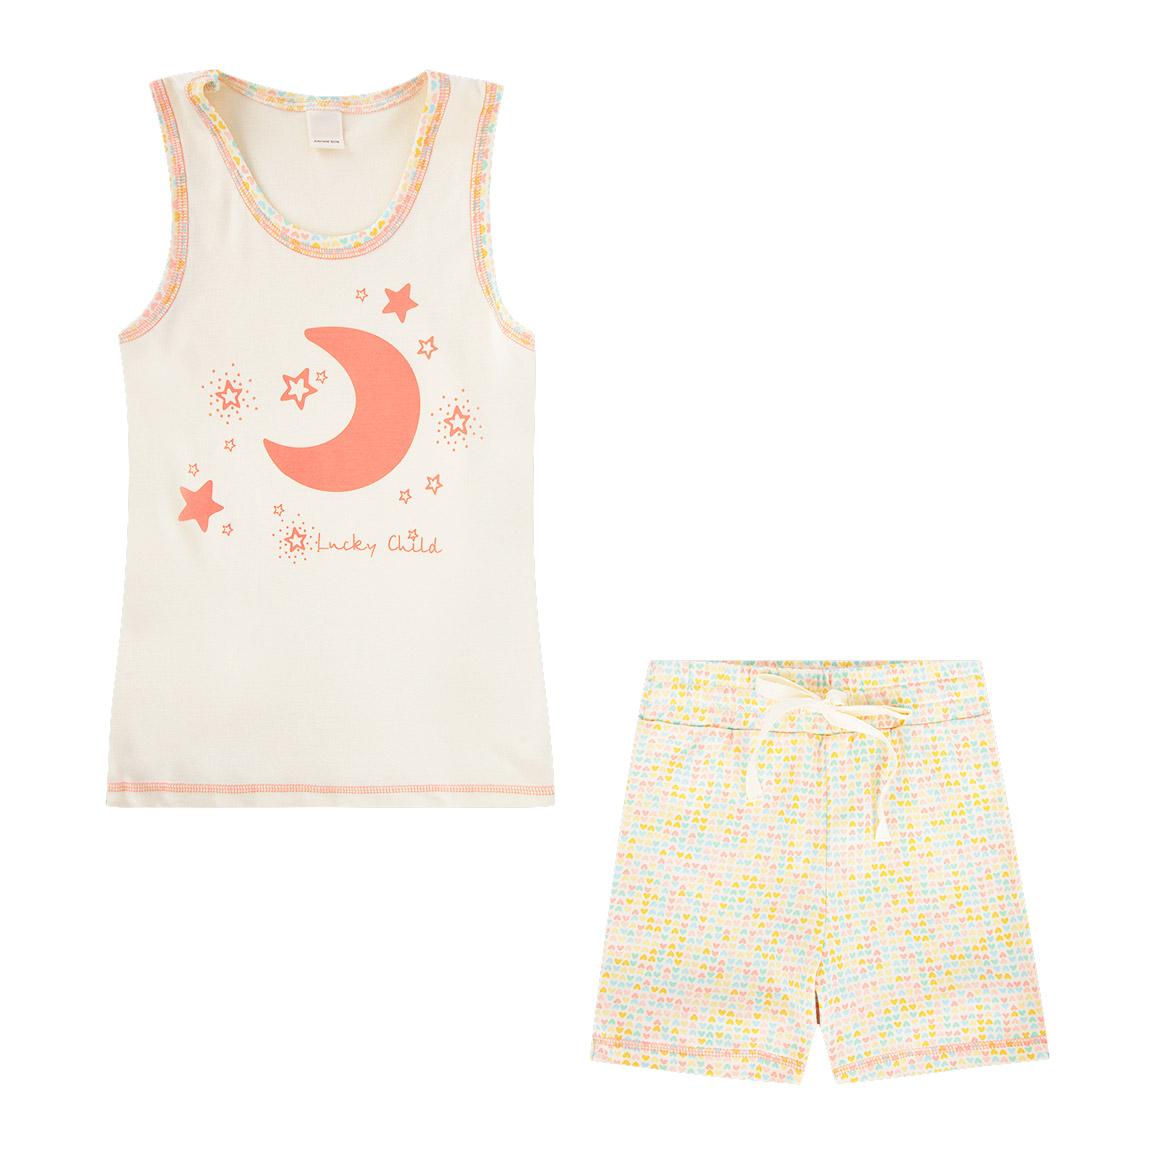 Купить Пижама Lucky Child для девочки 122-128, Бежевый, Интерлок, Для девочек, Весна-Лето,